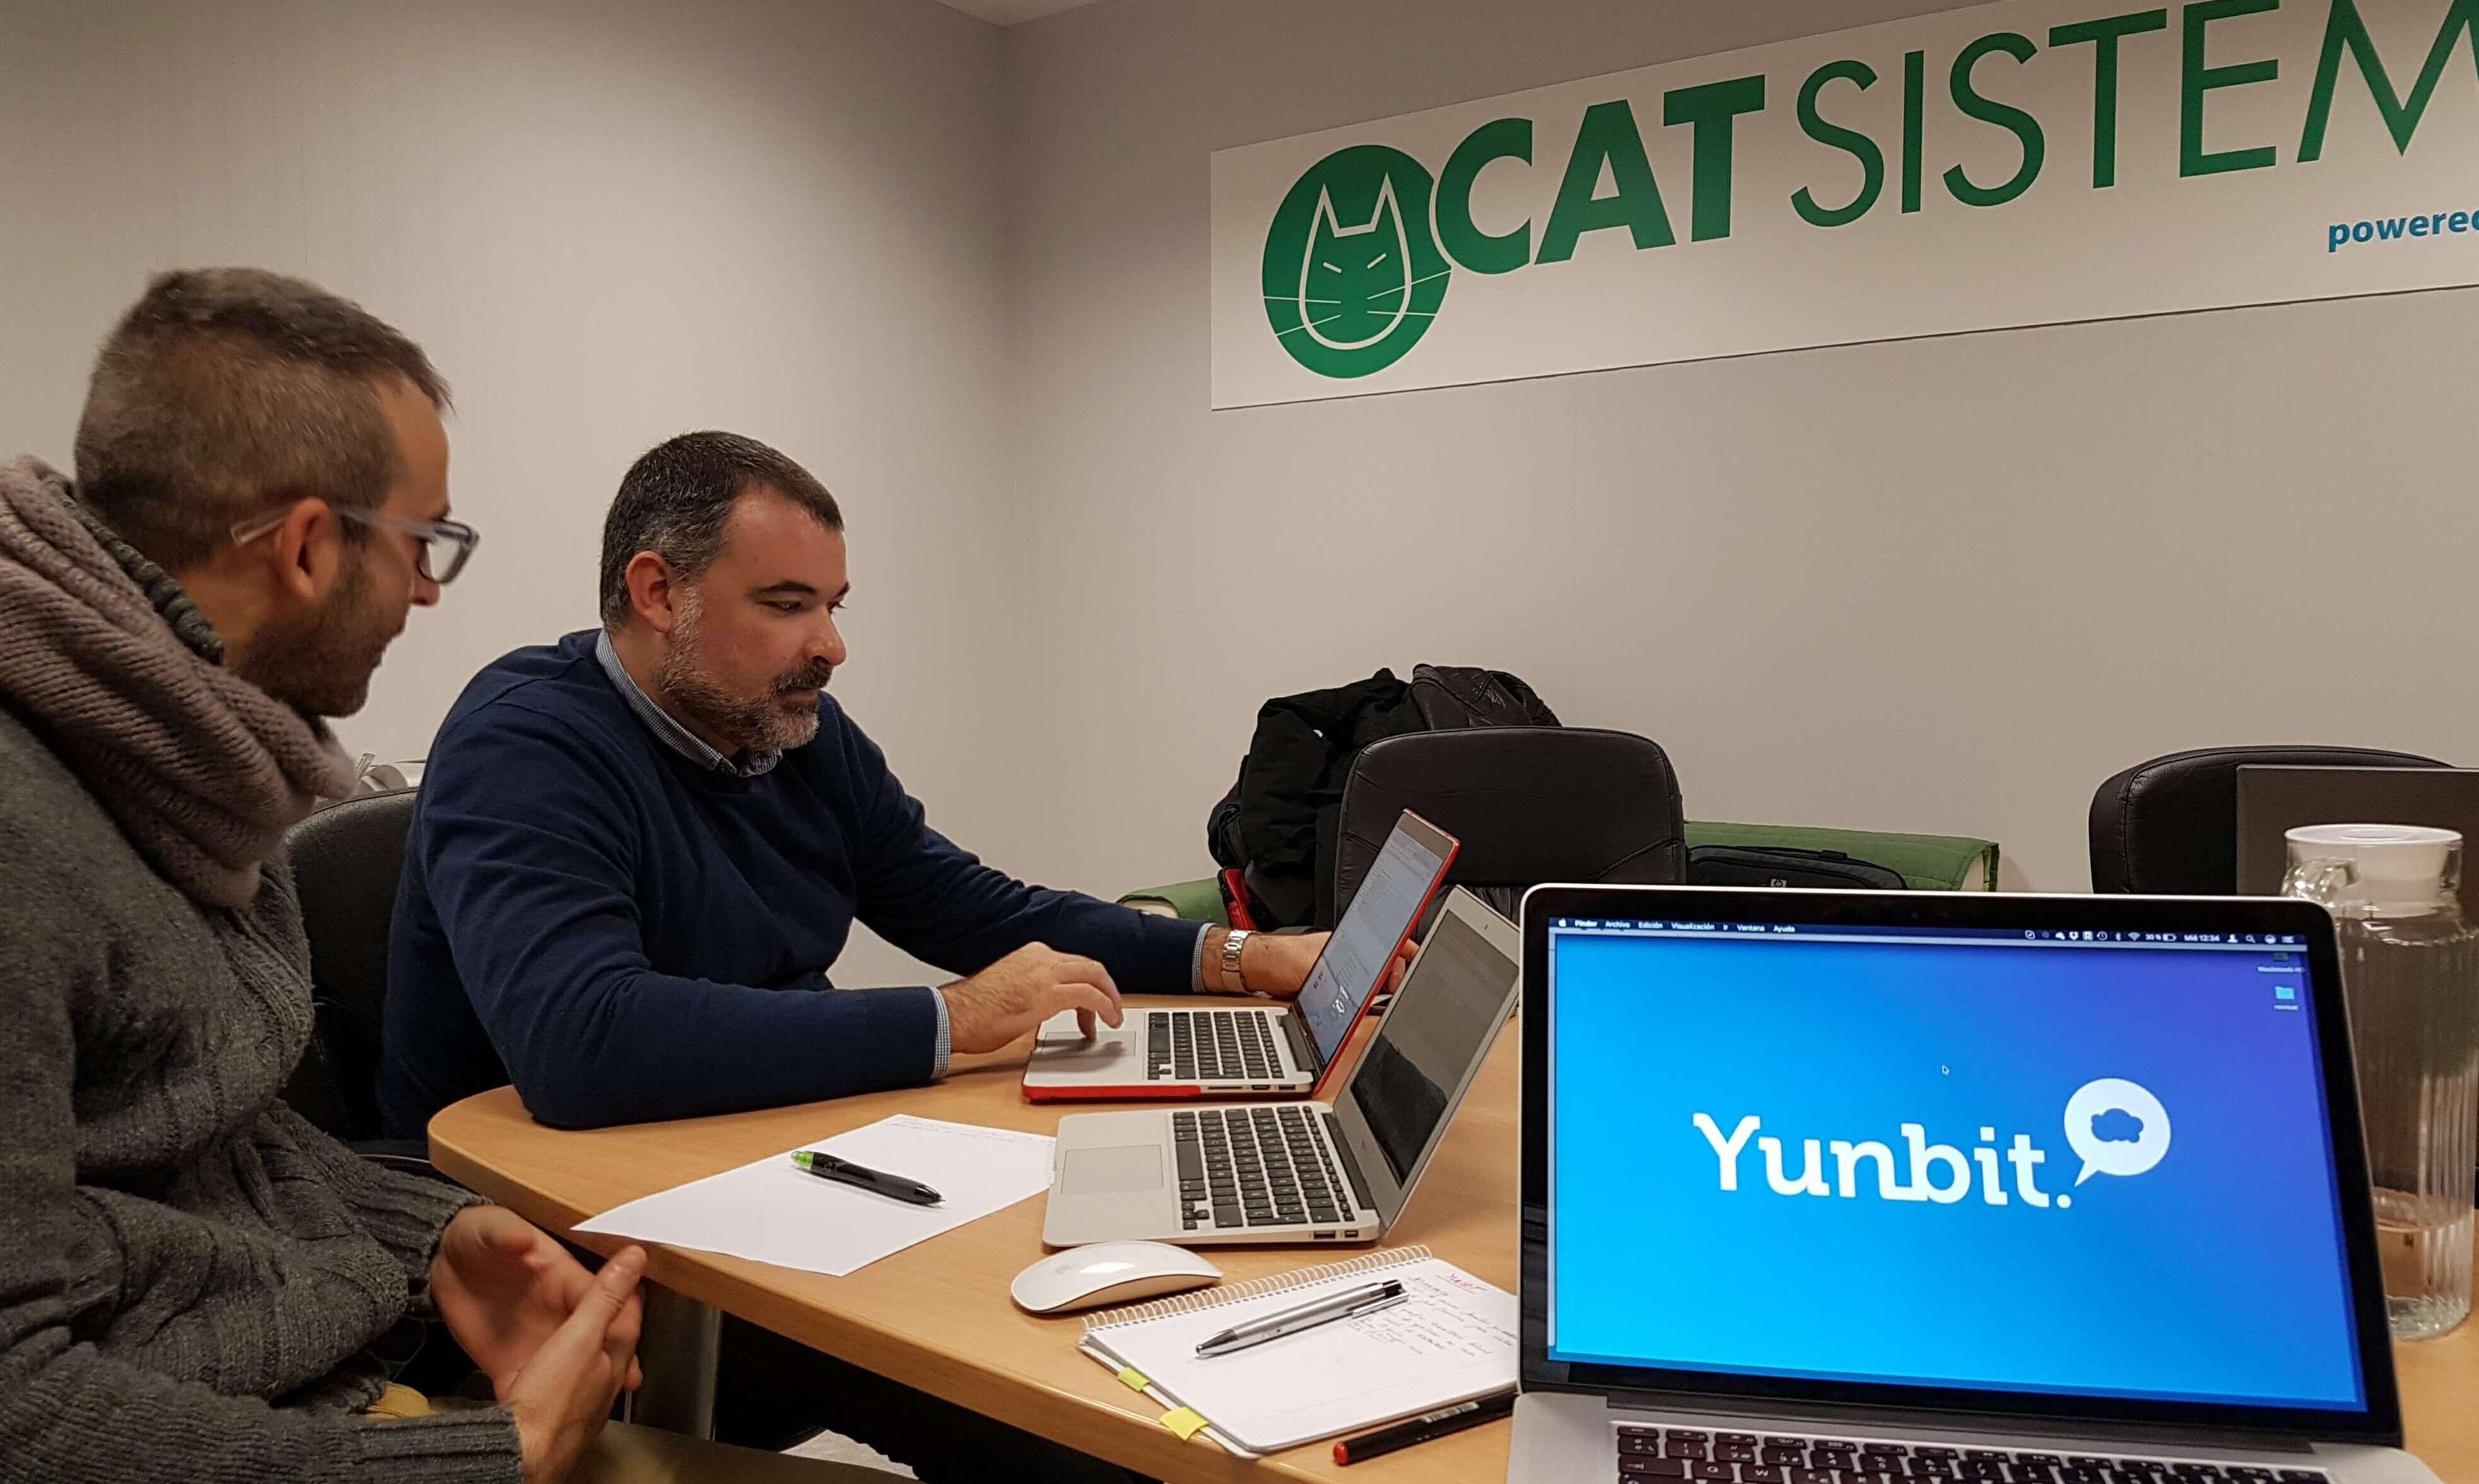 Cat Sistemas impulsa su negocio de la mano de Yunbit